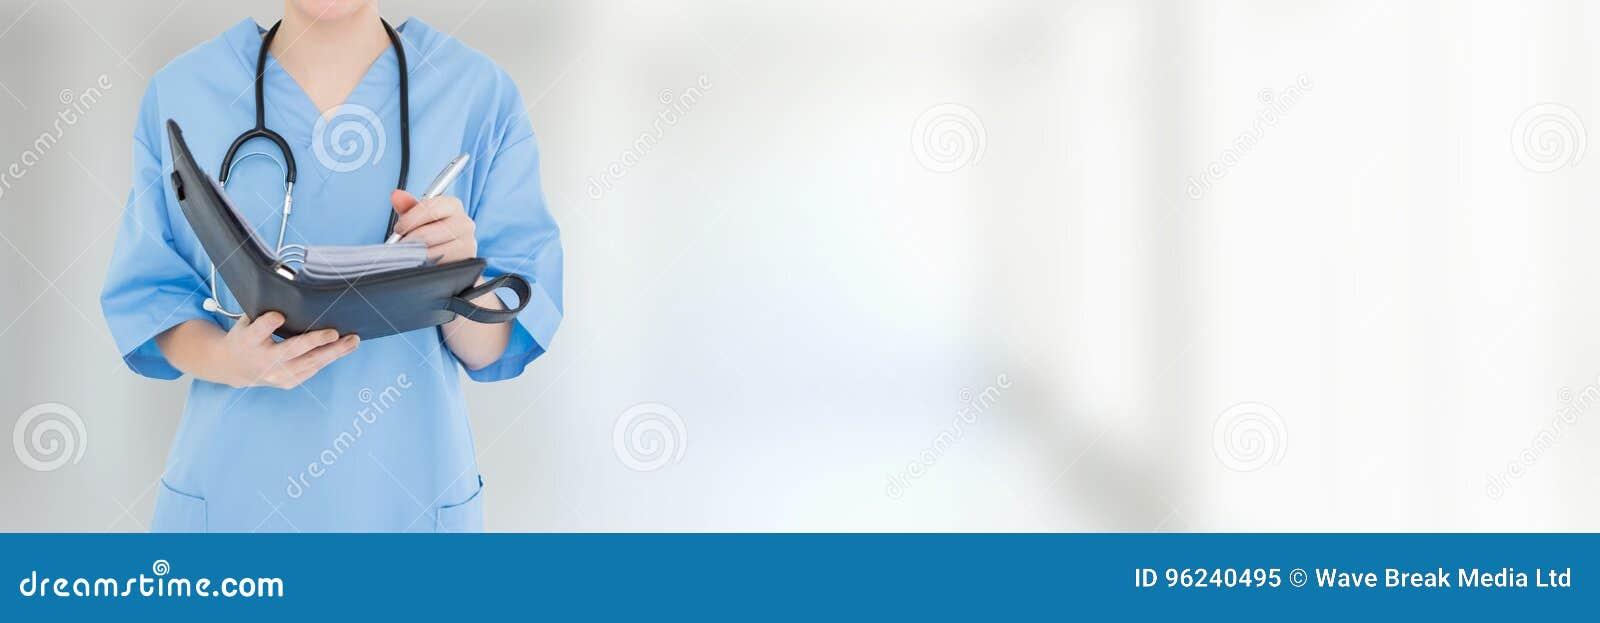 Fascicoli aziendali e cartelle del dottore Woman